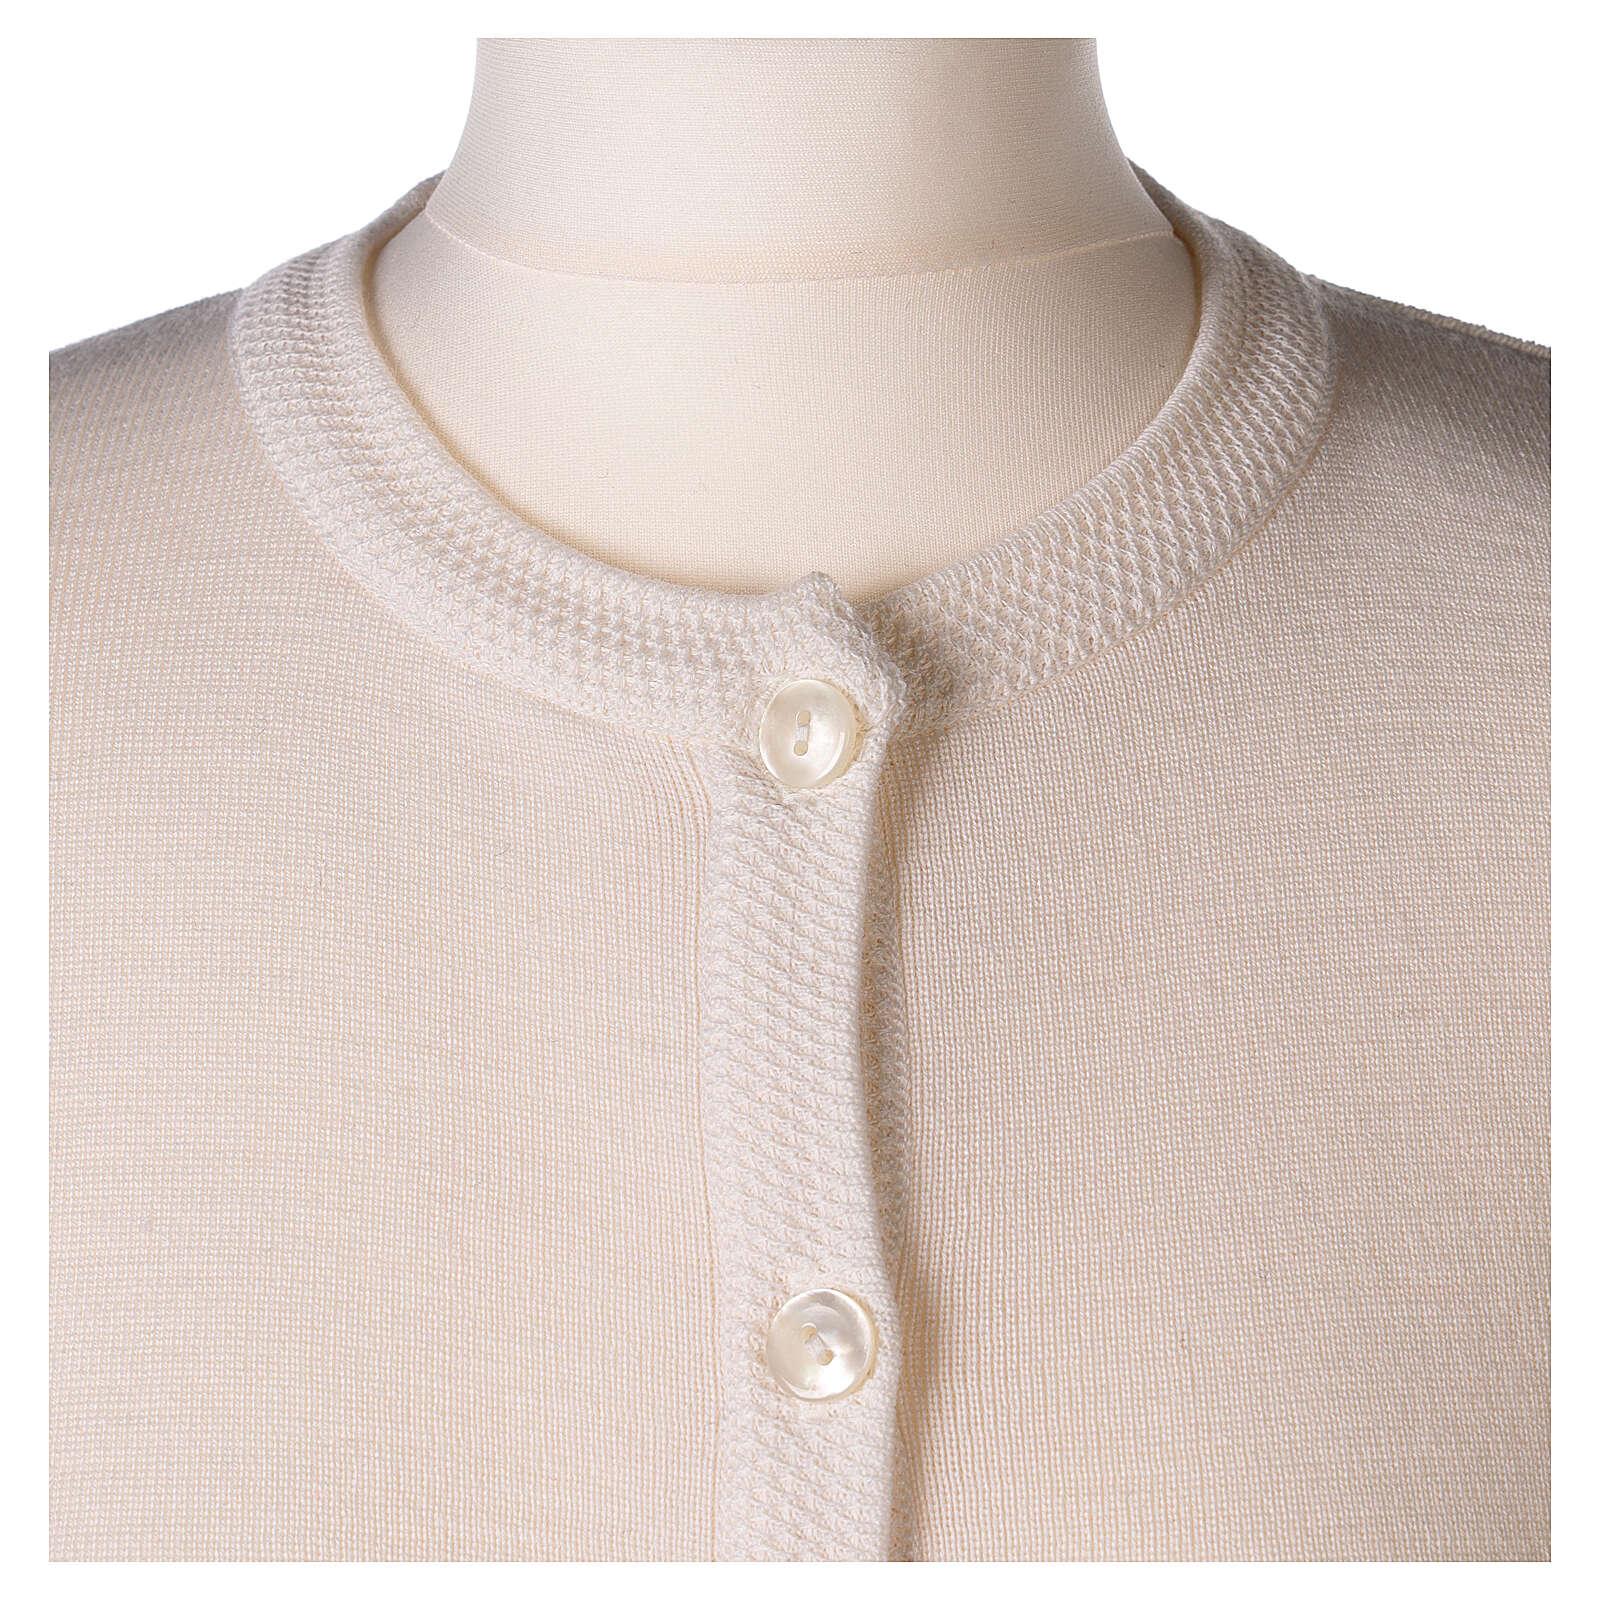 Damen-Cardigan, weiß, mit Taschen und Rundhalsausschnitt, 50% Acryl - 50% Merinowolle, In Primis 4